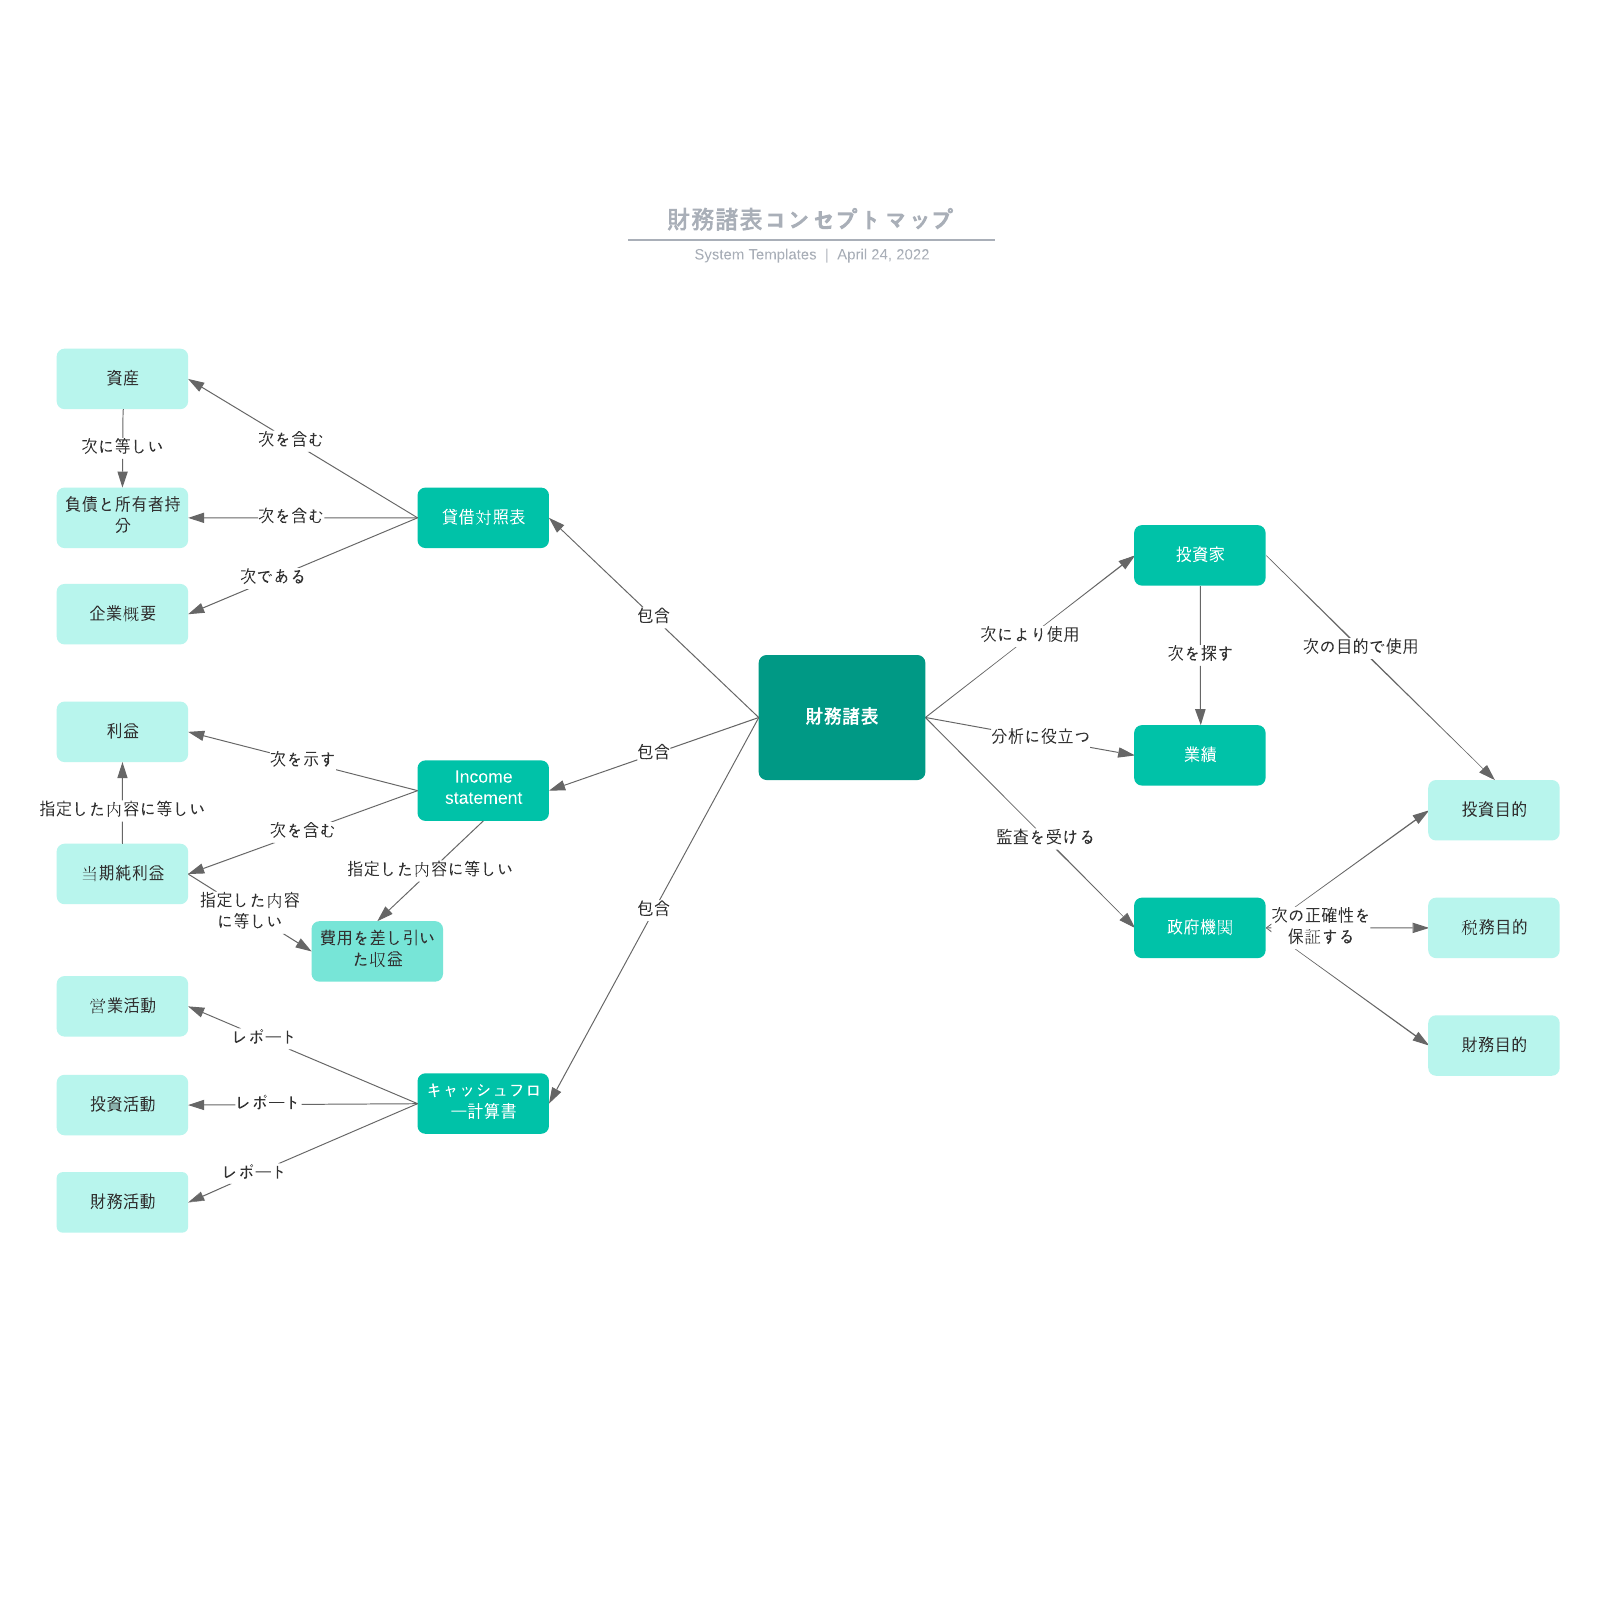 財務諸表コンセプトマップ